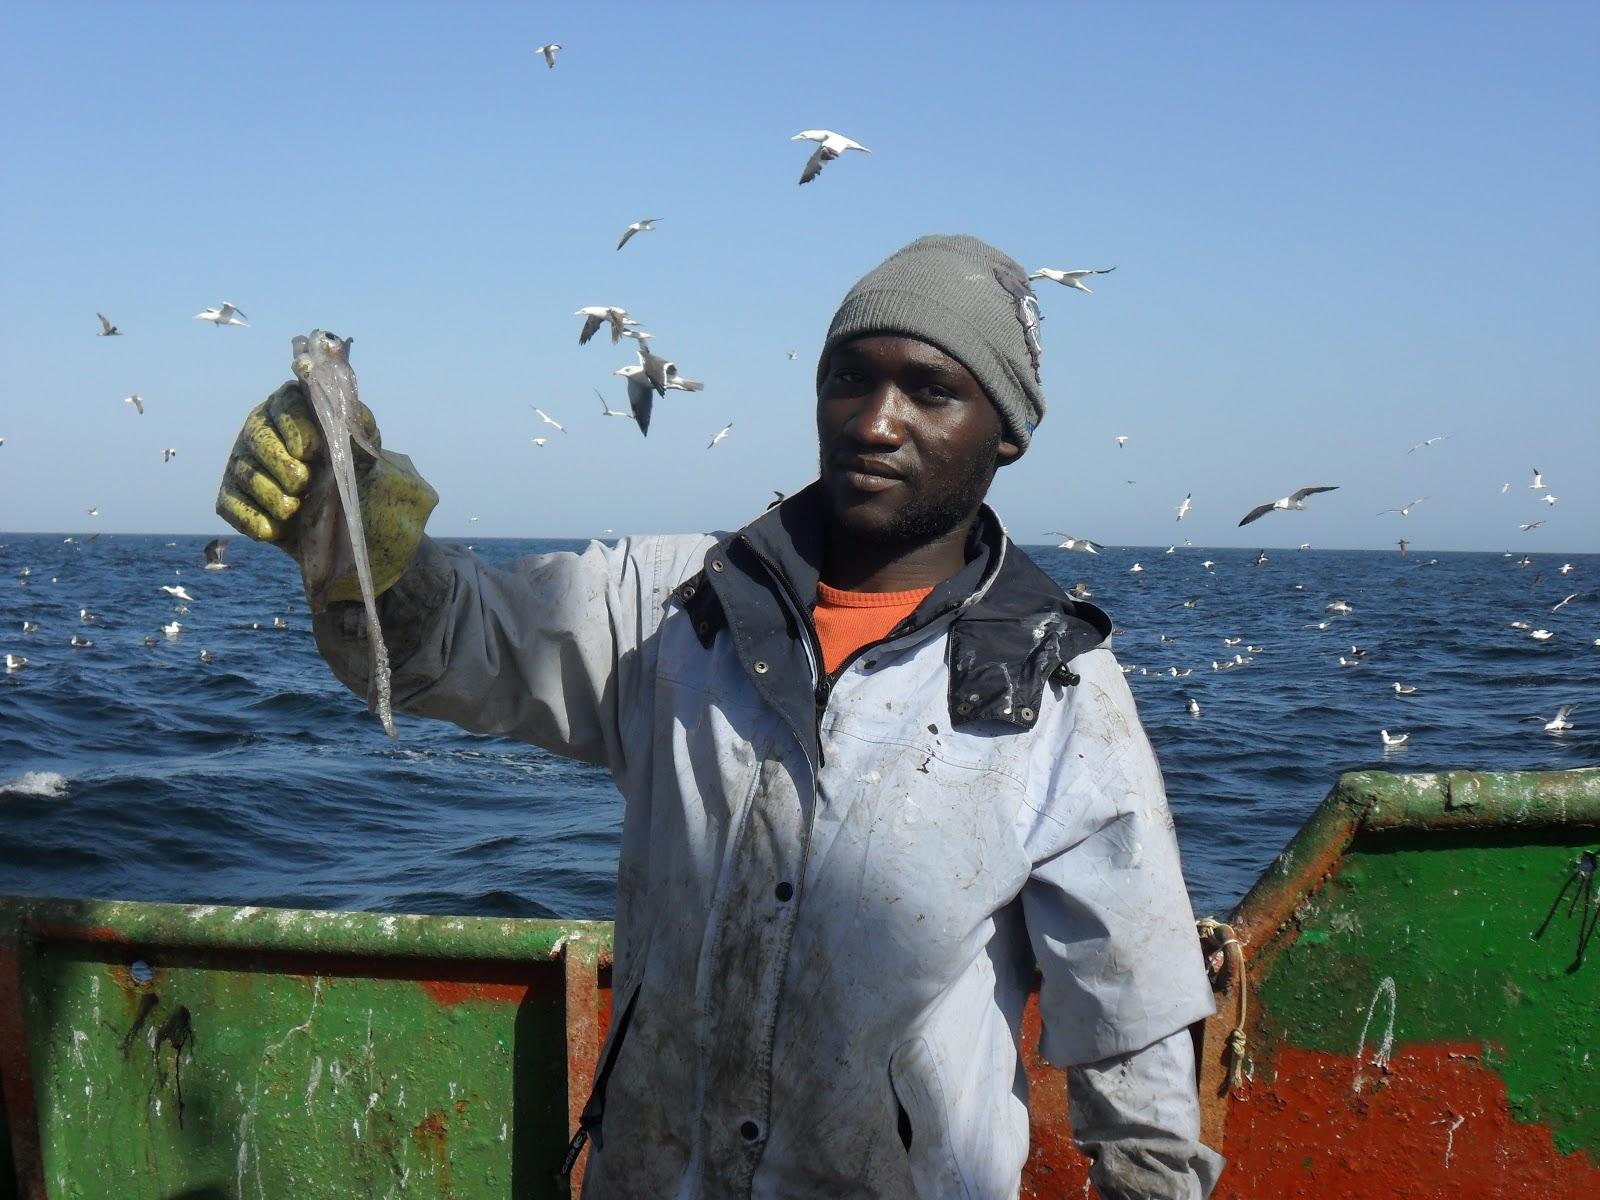 الصيد البحري المحظور في موريتانيا